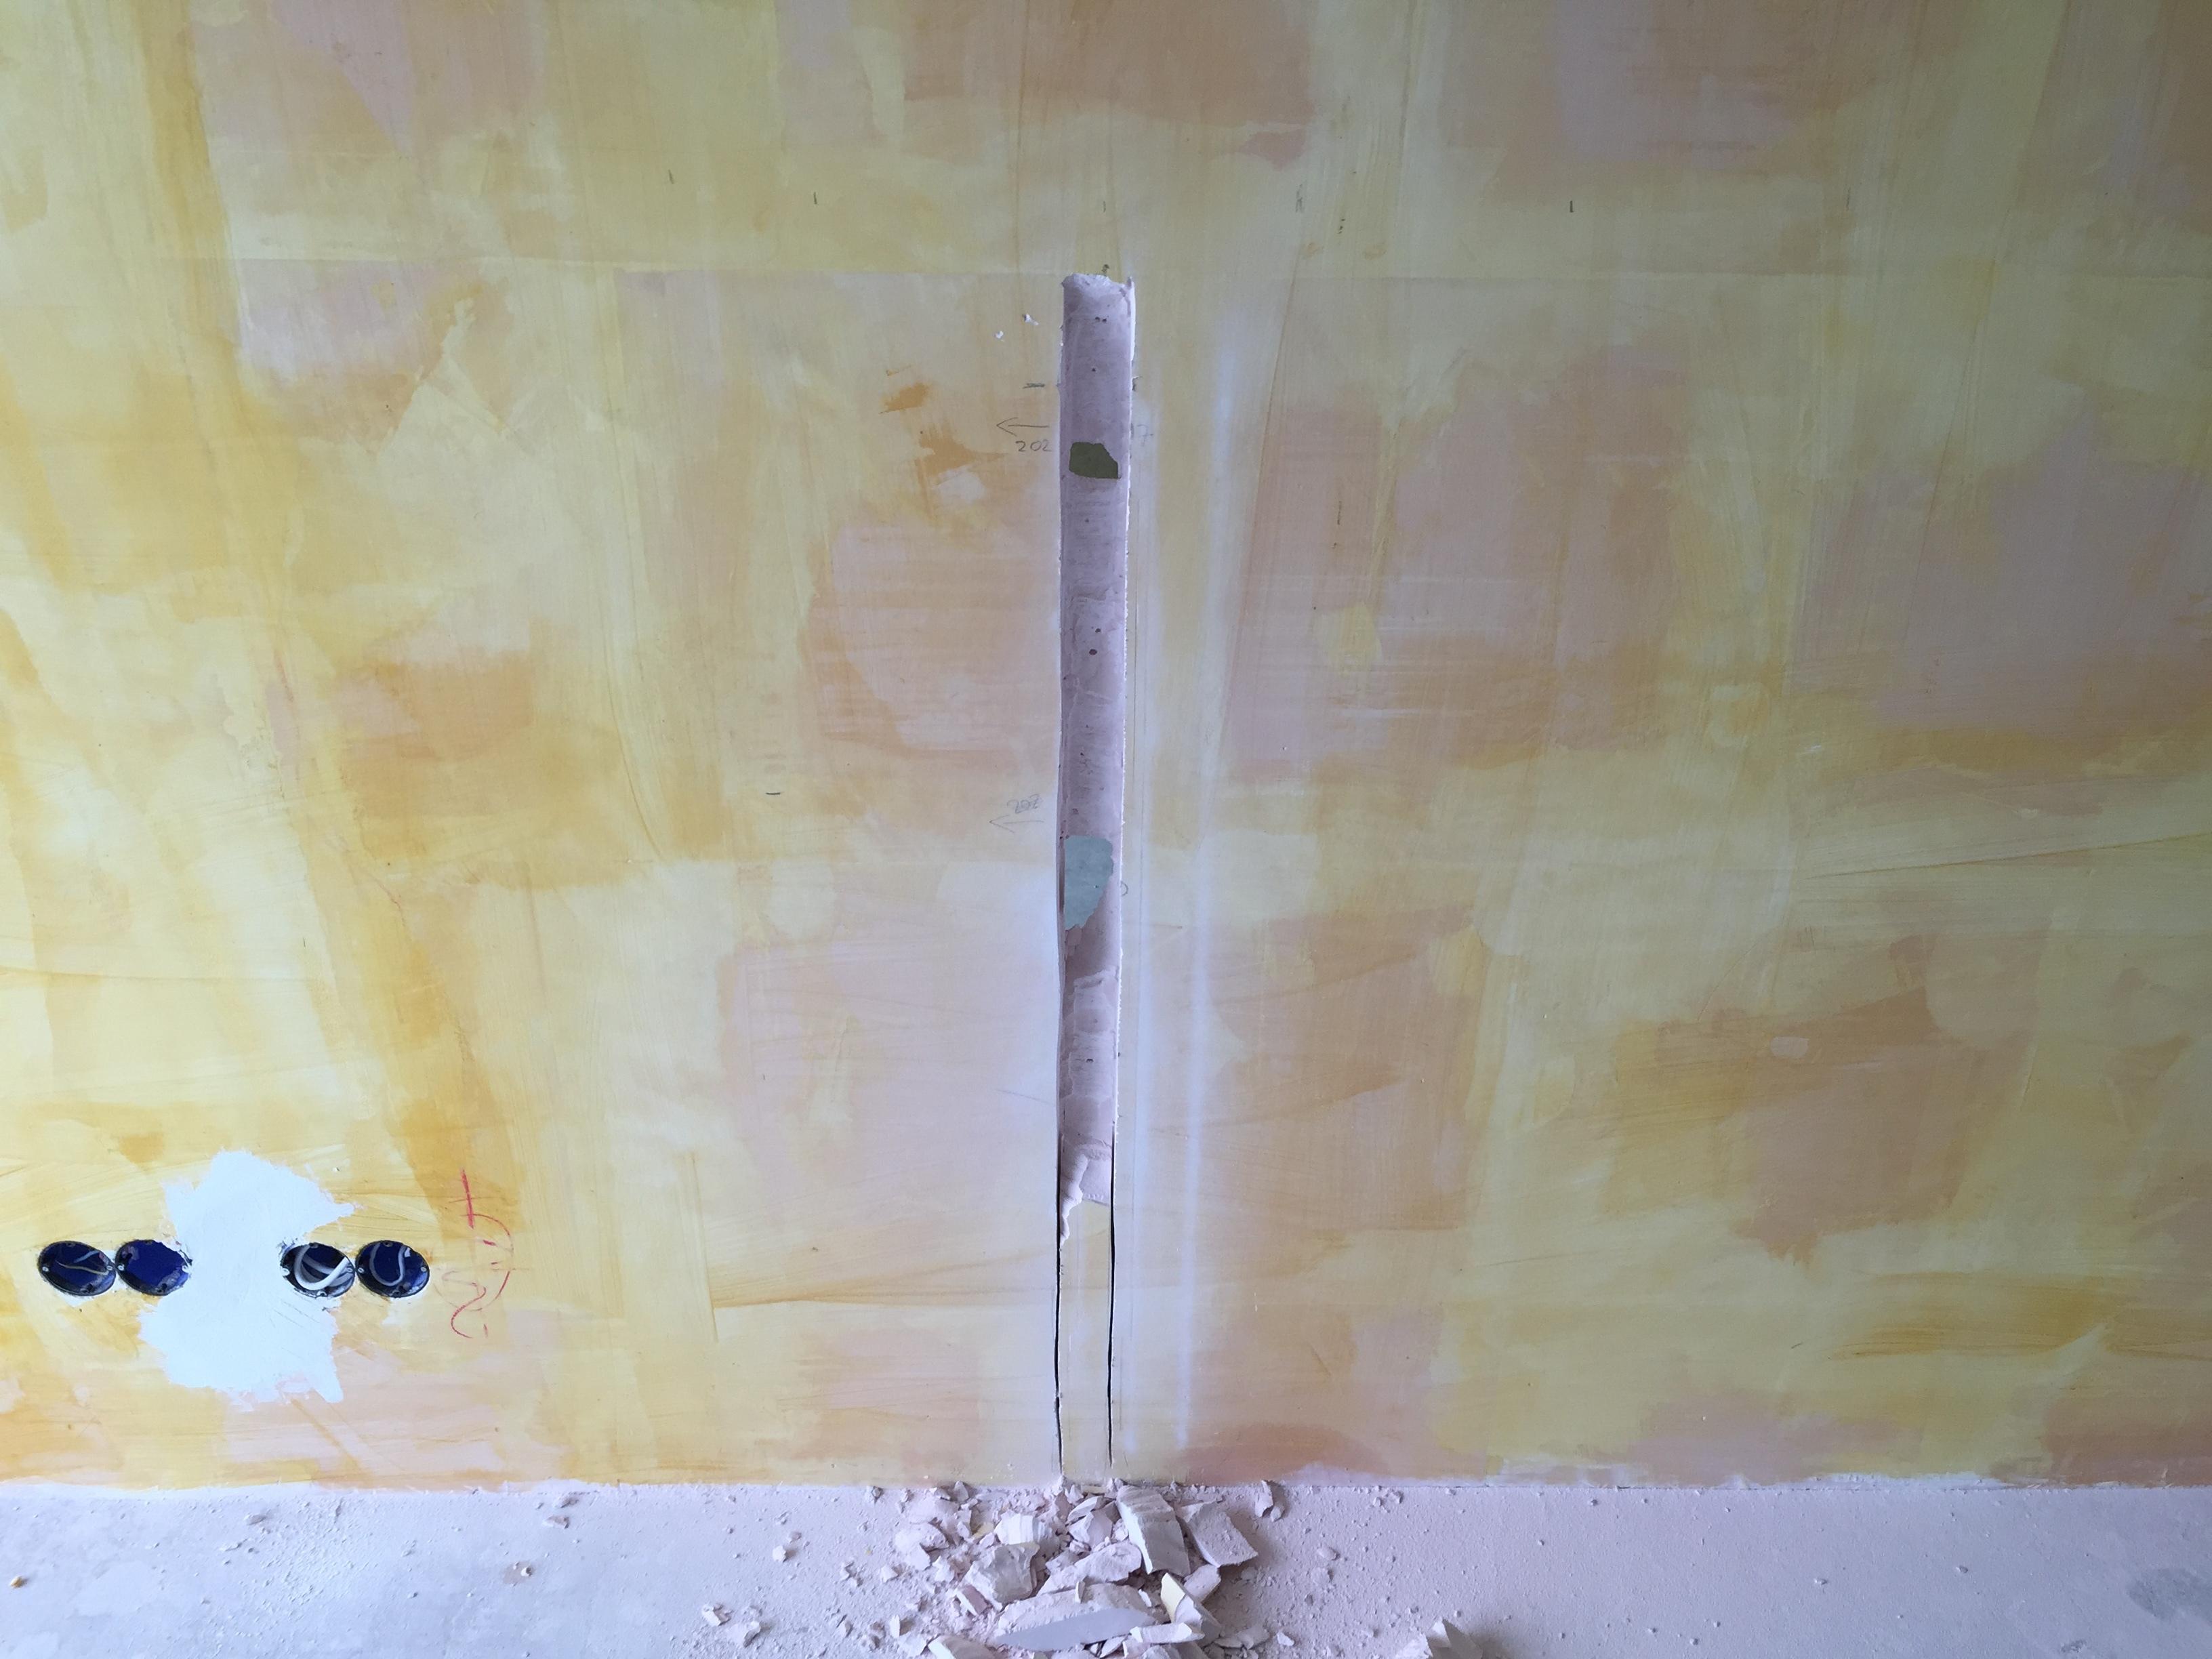 Populair TV kabels doorvoer in muur | voordemakers.nl @AA95